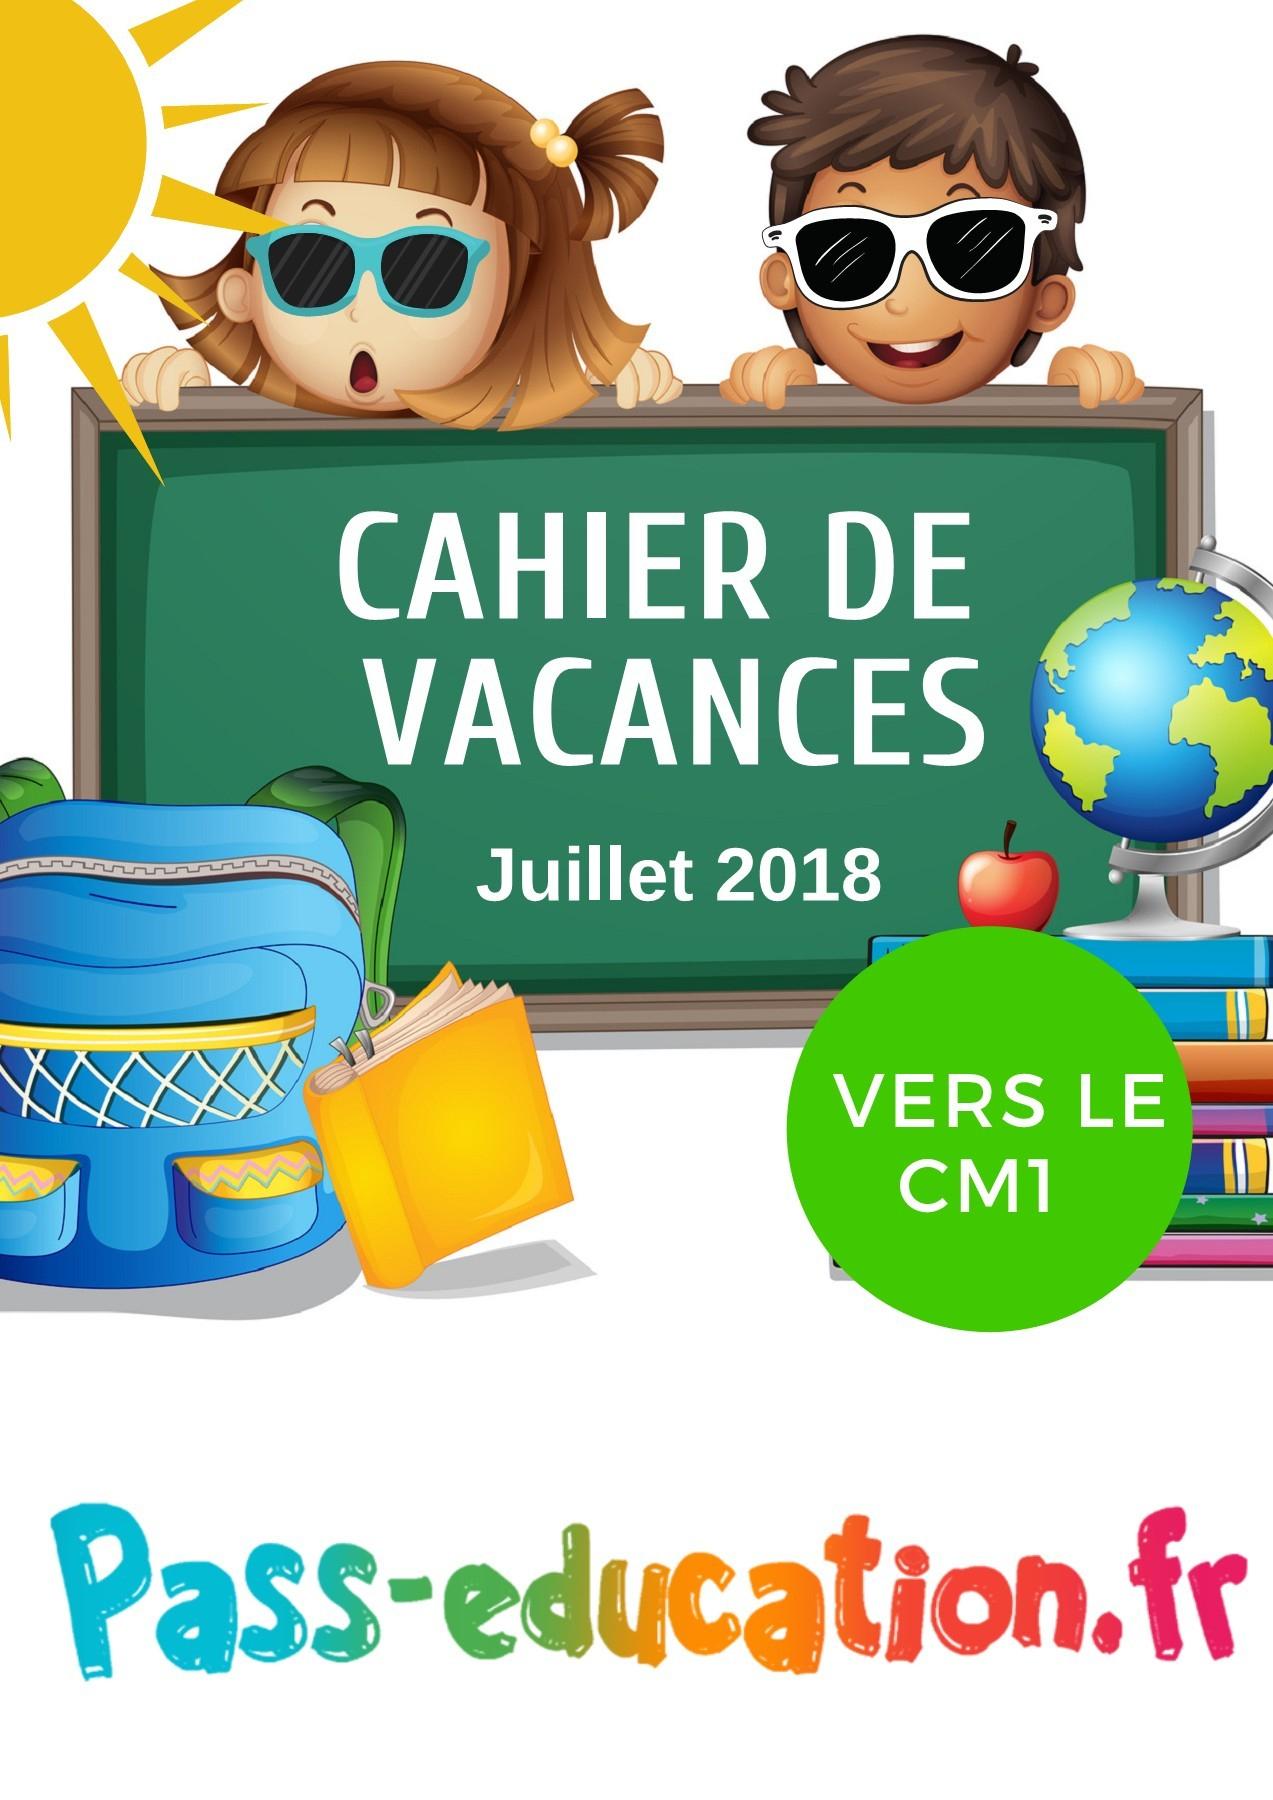 Cahier De Vacances Gratuit À Imprimer - Ce2 Vers Le Cm1 tout Cahier De Vacances Adultes Gratuit